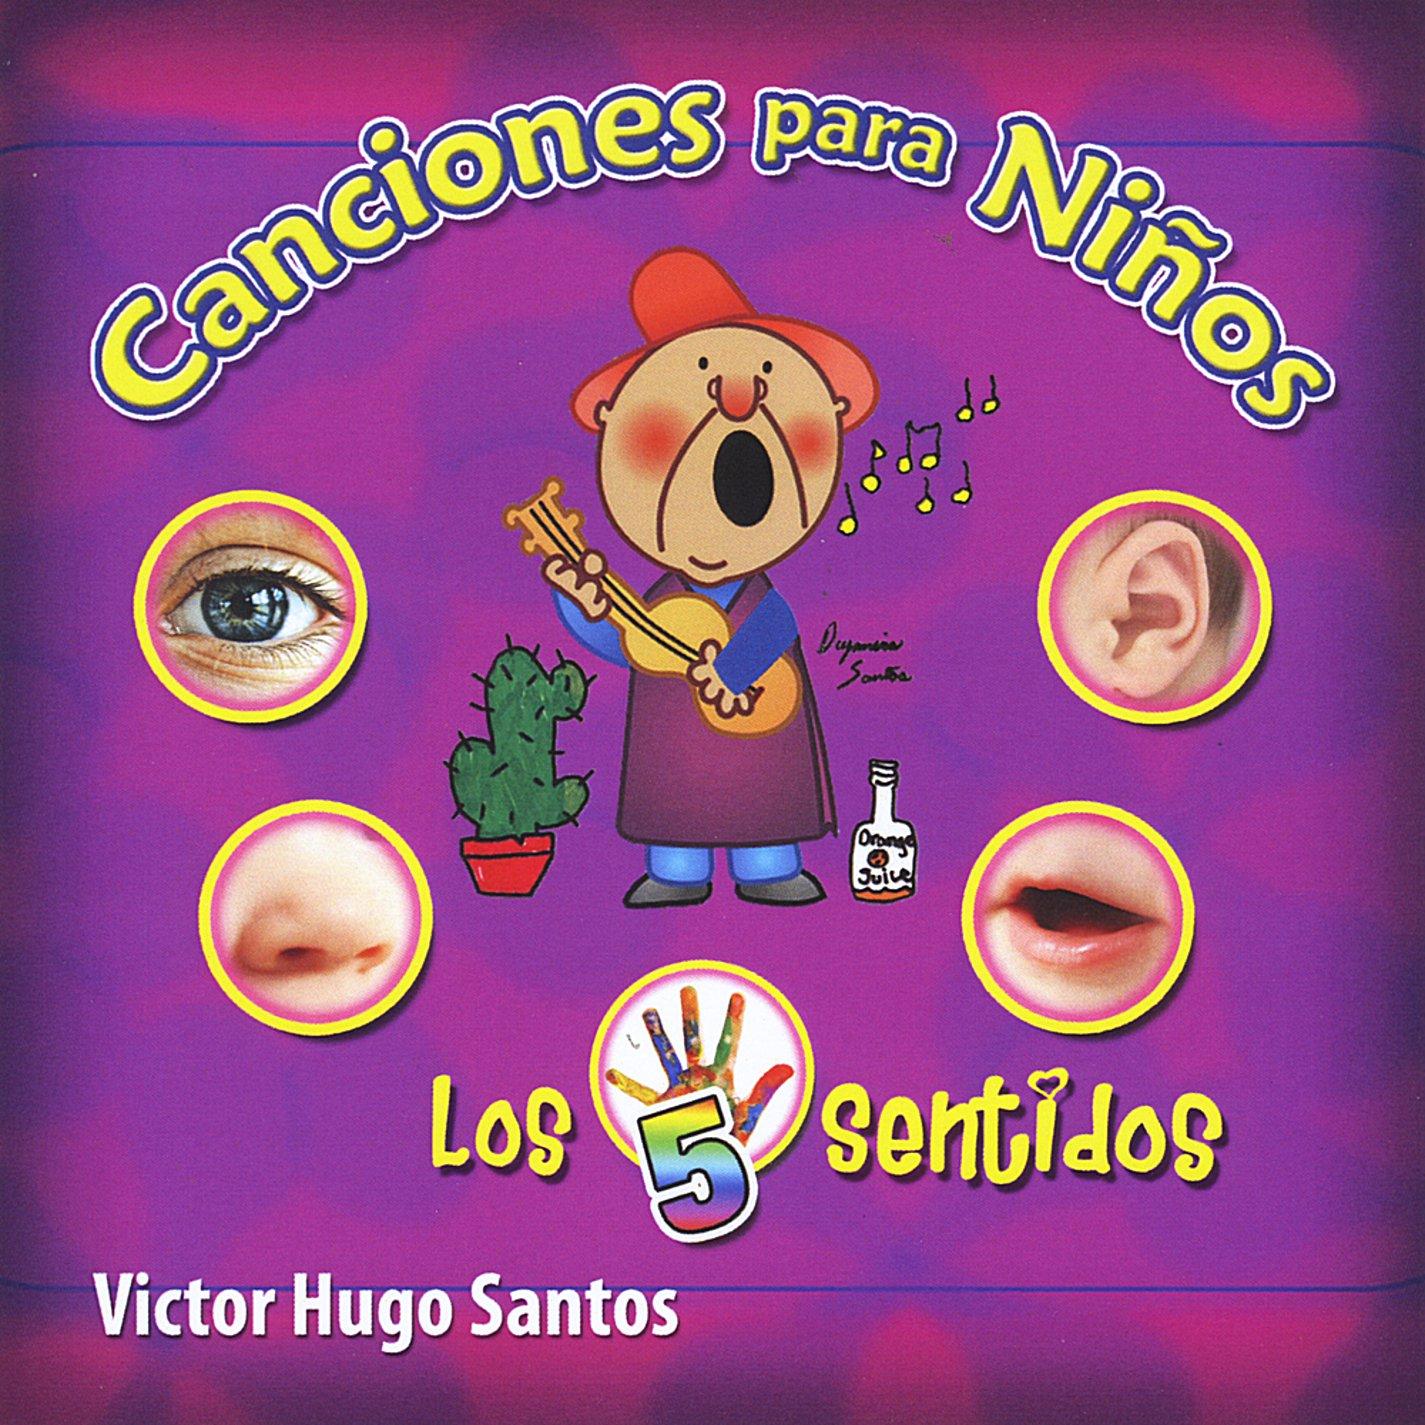 Victor Hugo Santos - Canciones Para Ninos los 5 Sentidos - Amazon.com Music